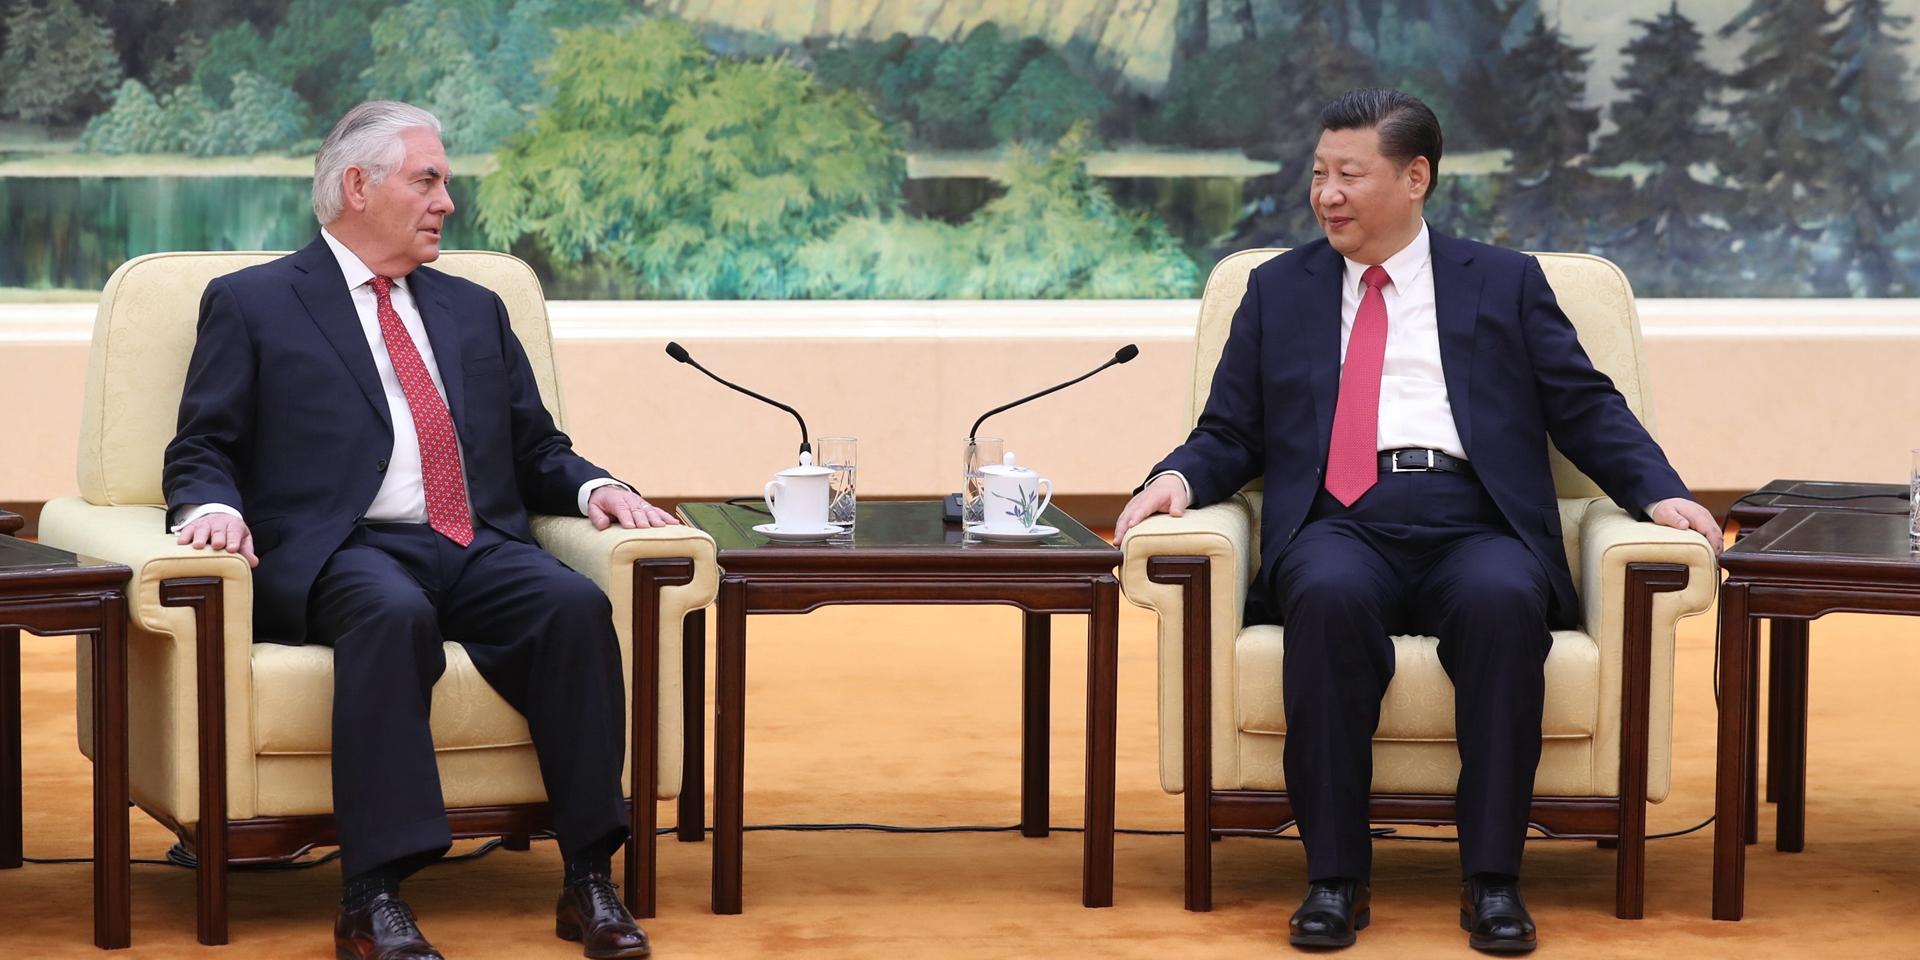 中美关系对两国、对世界都很重要。